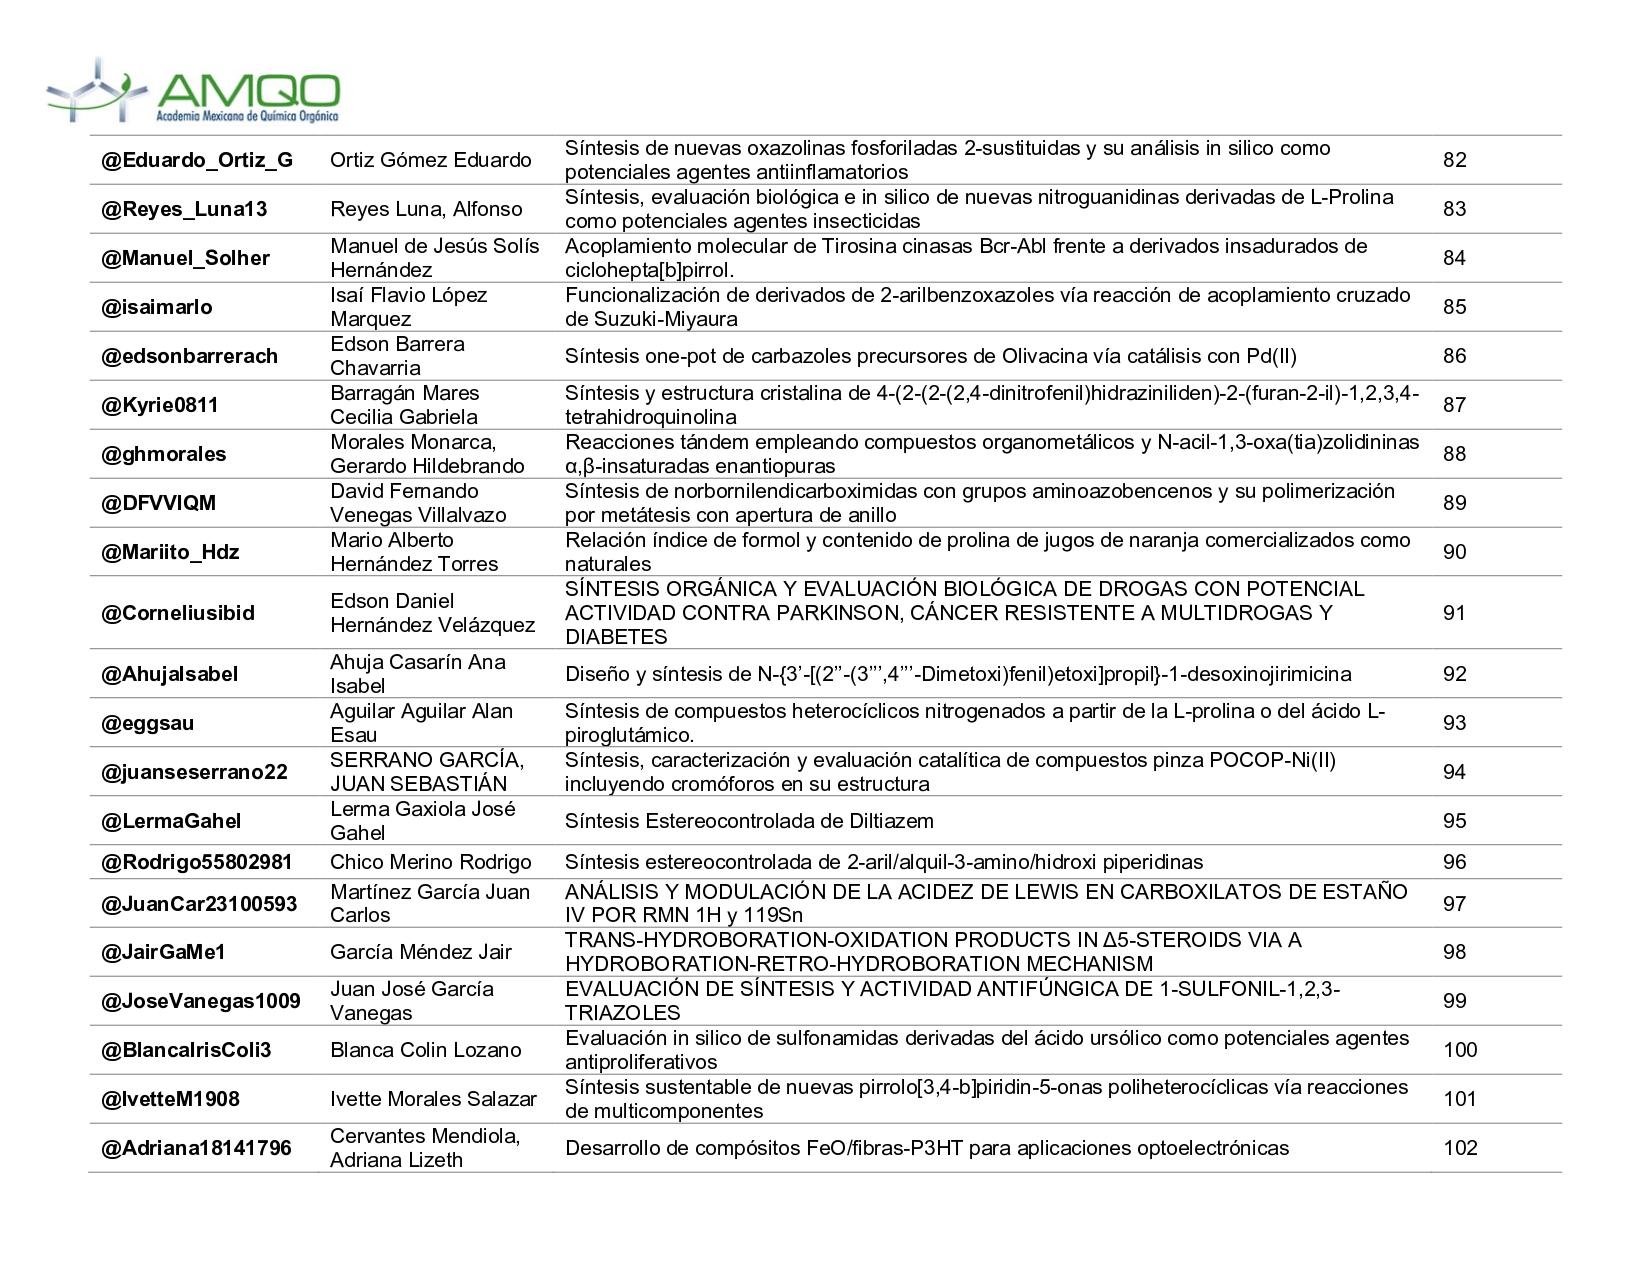 Lista de carteles XVI AMQO_pages-to-jpg-0005